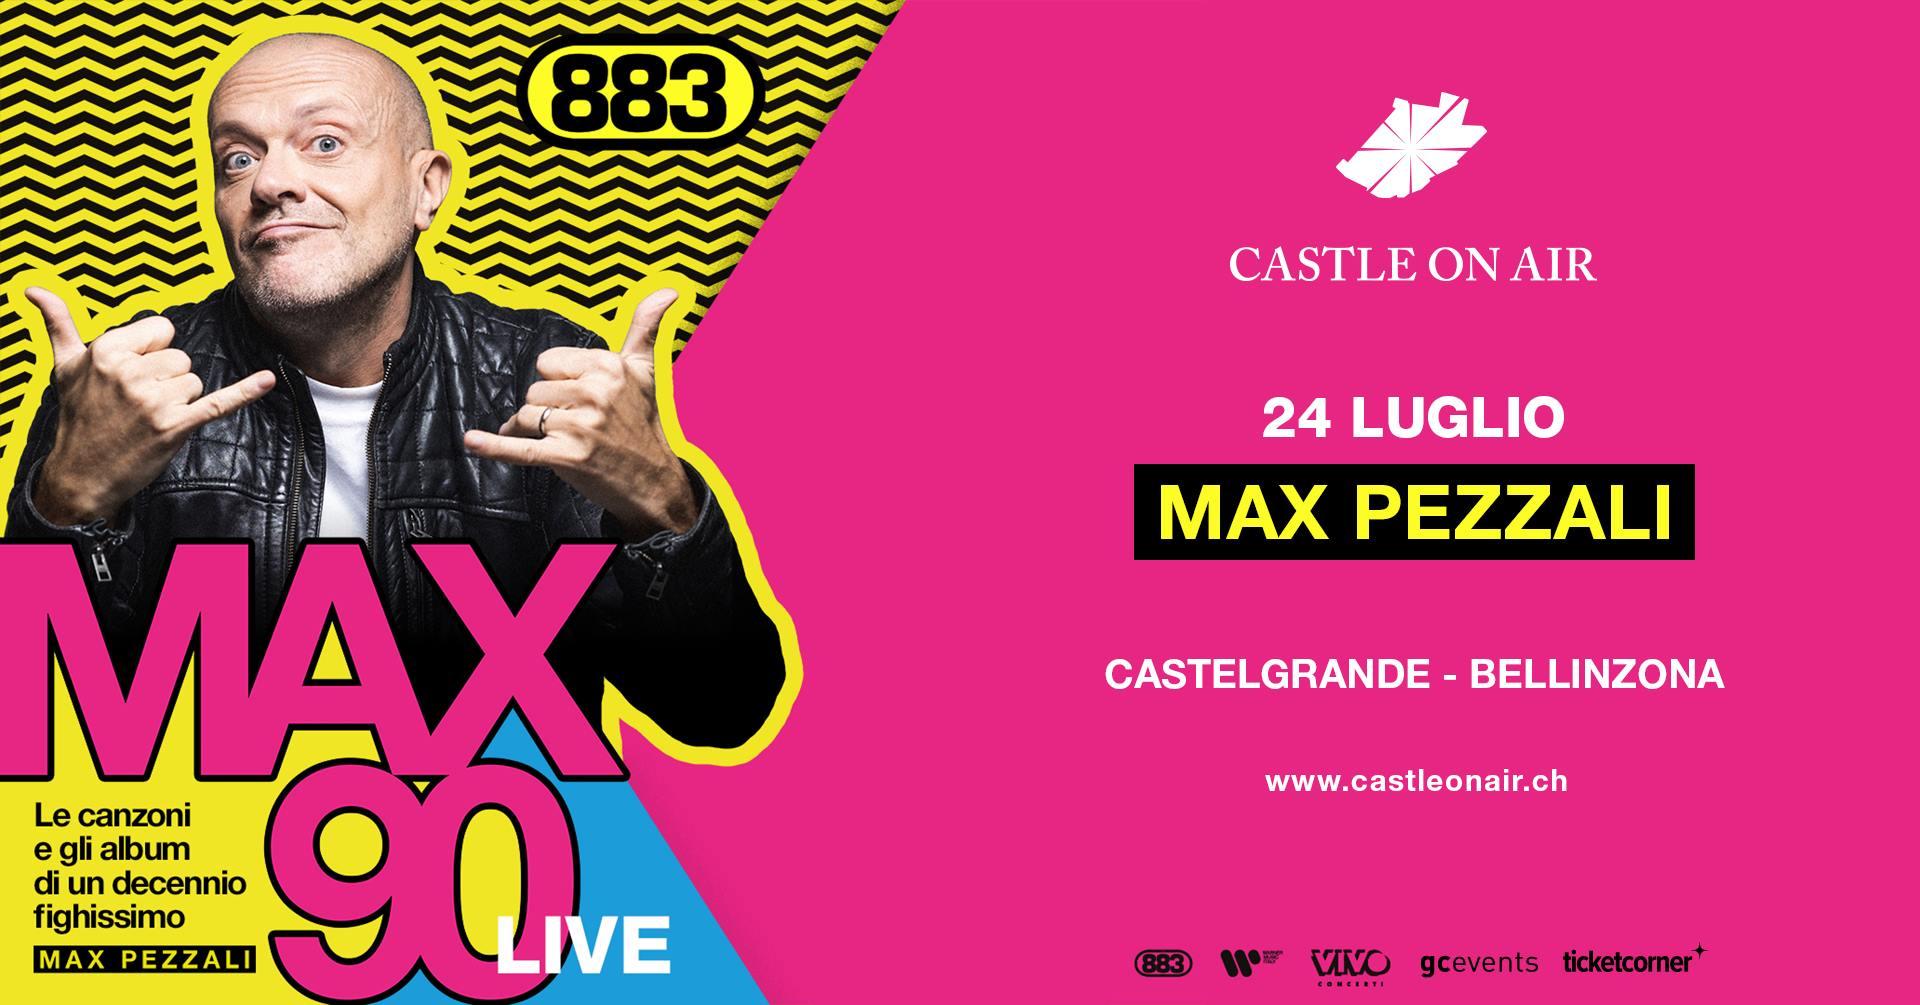 Max Pezzali Castle On Air 2021 Bellinzona